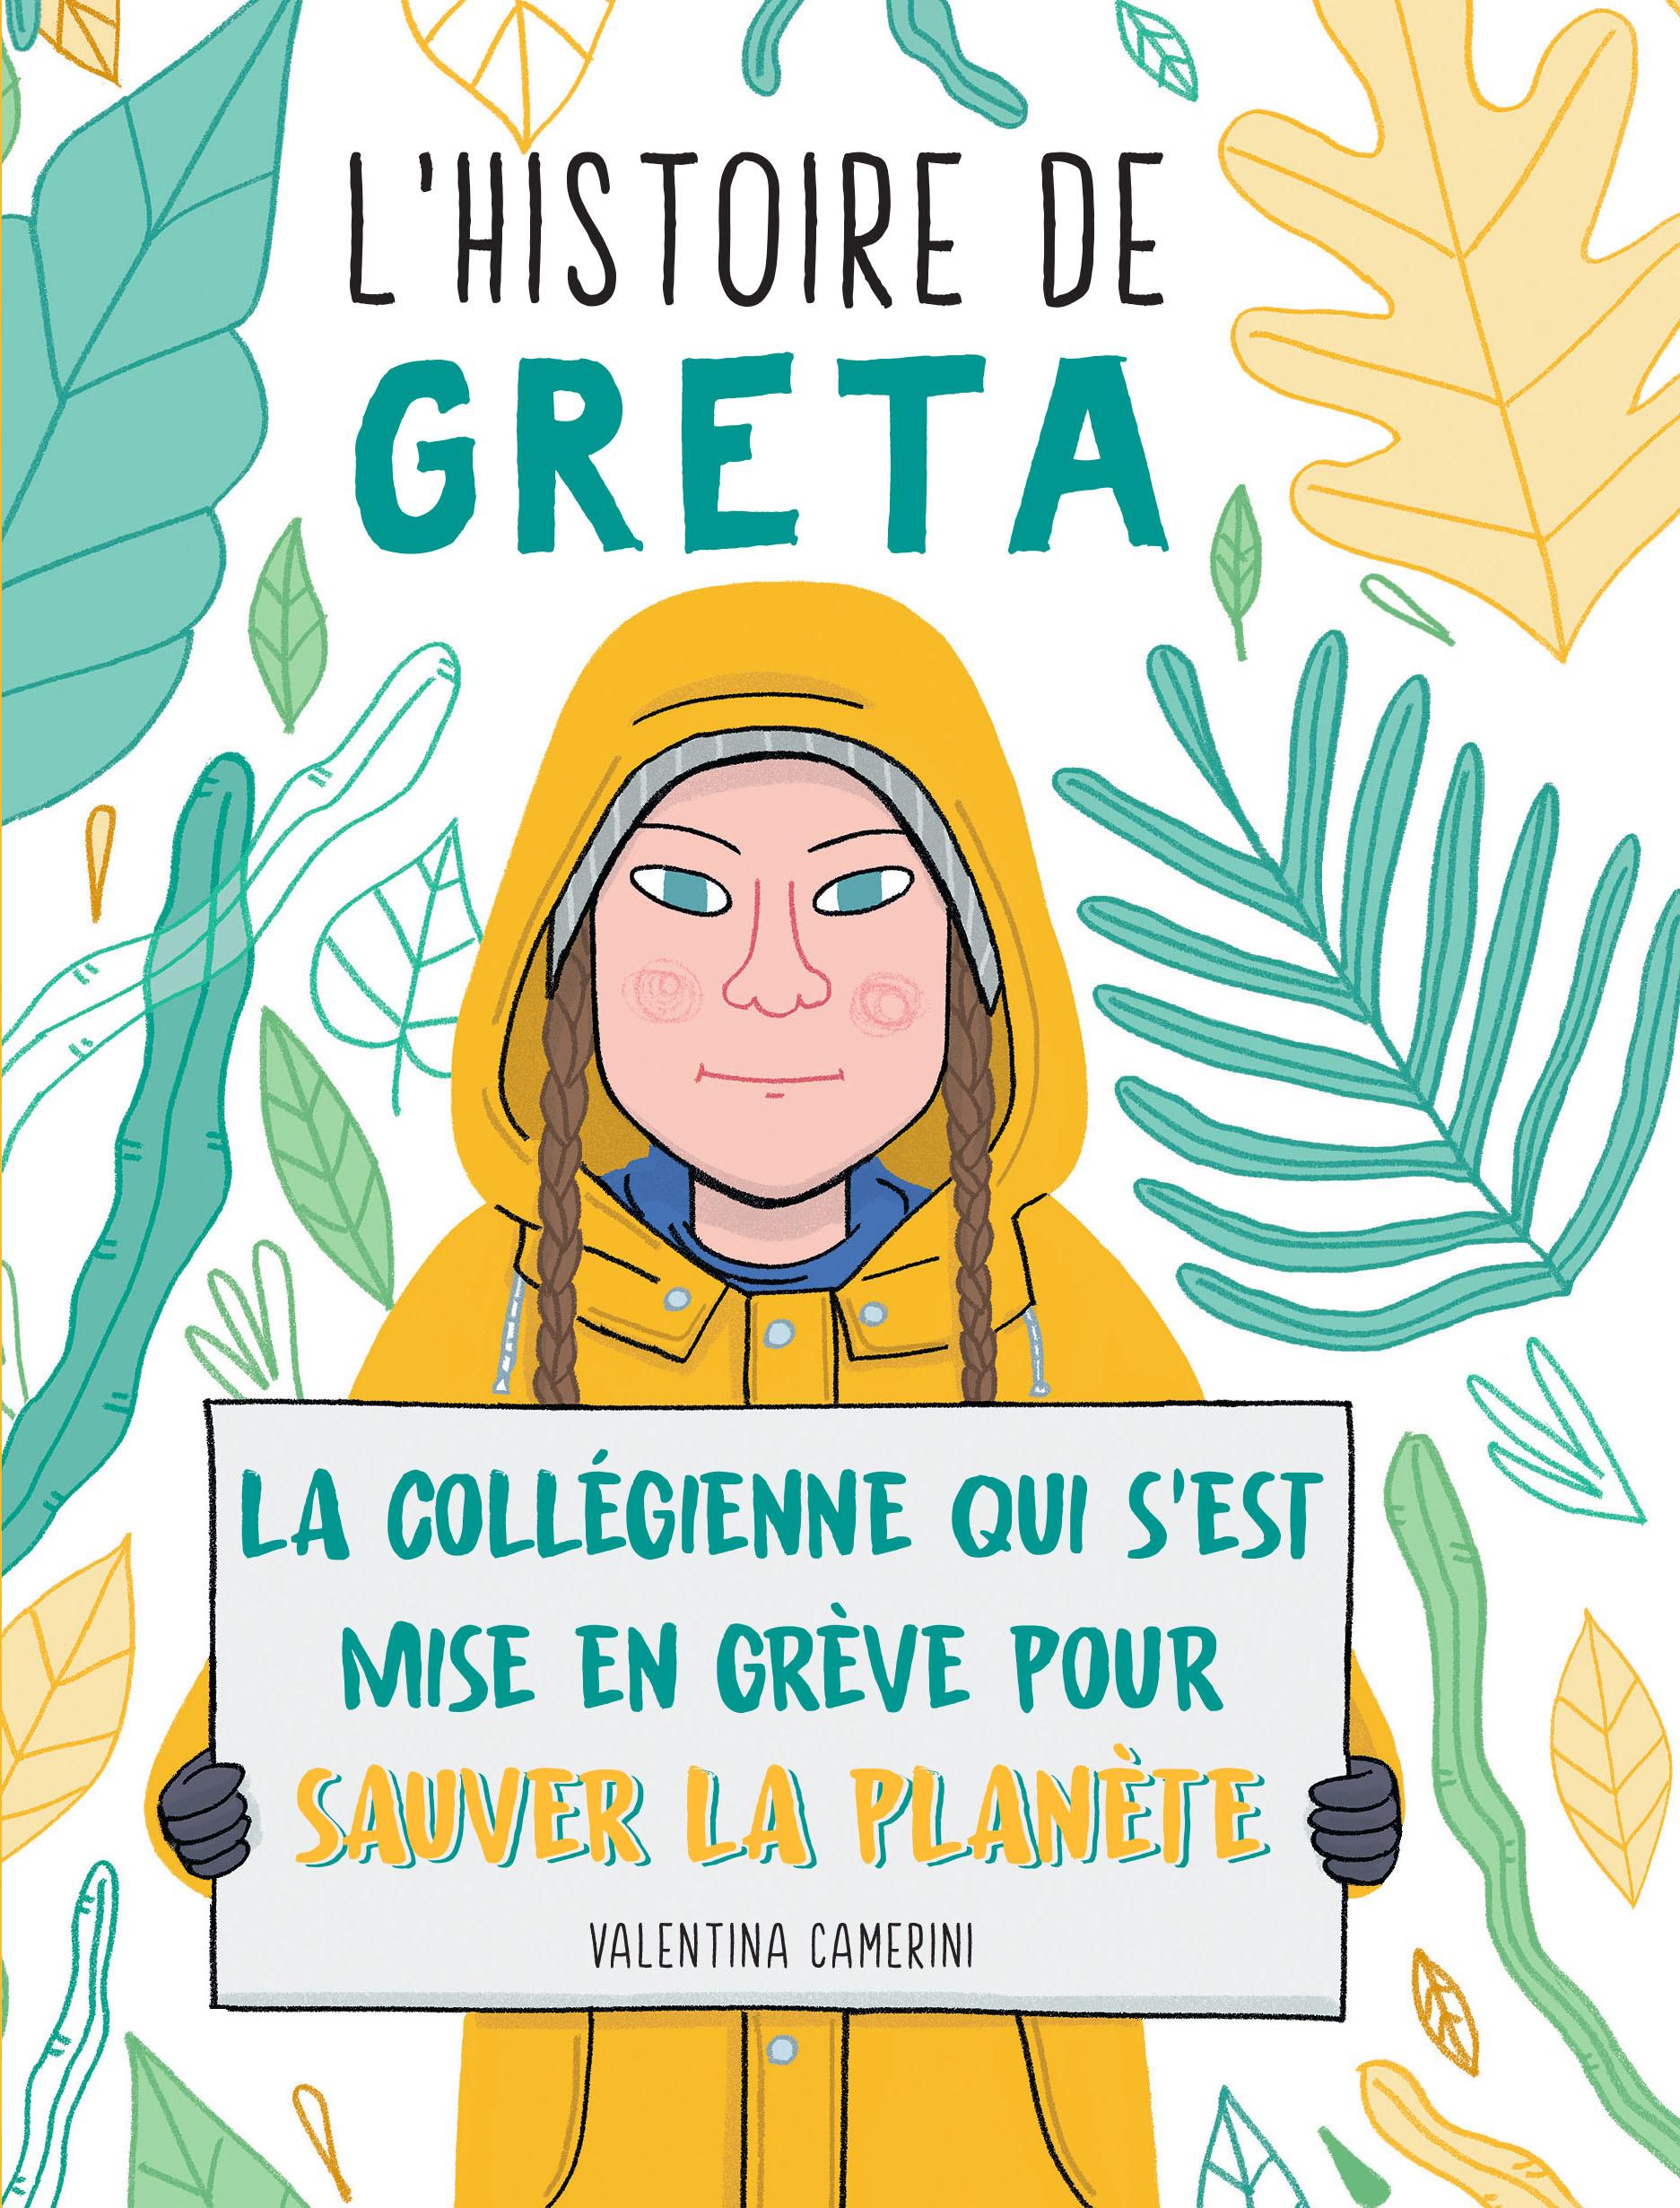 L'HISTOIRE DE GRETA - LA COLLEGIENNE QUI S EST MISE EN GREVE POUR SAUVER LA PLANETE